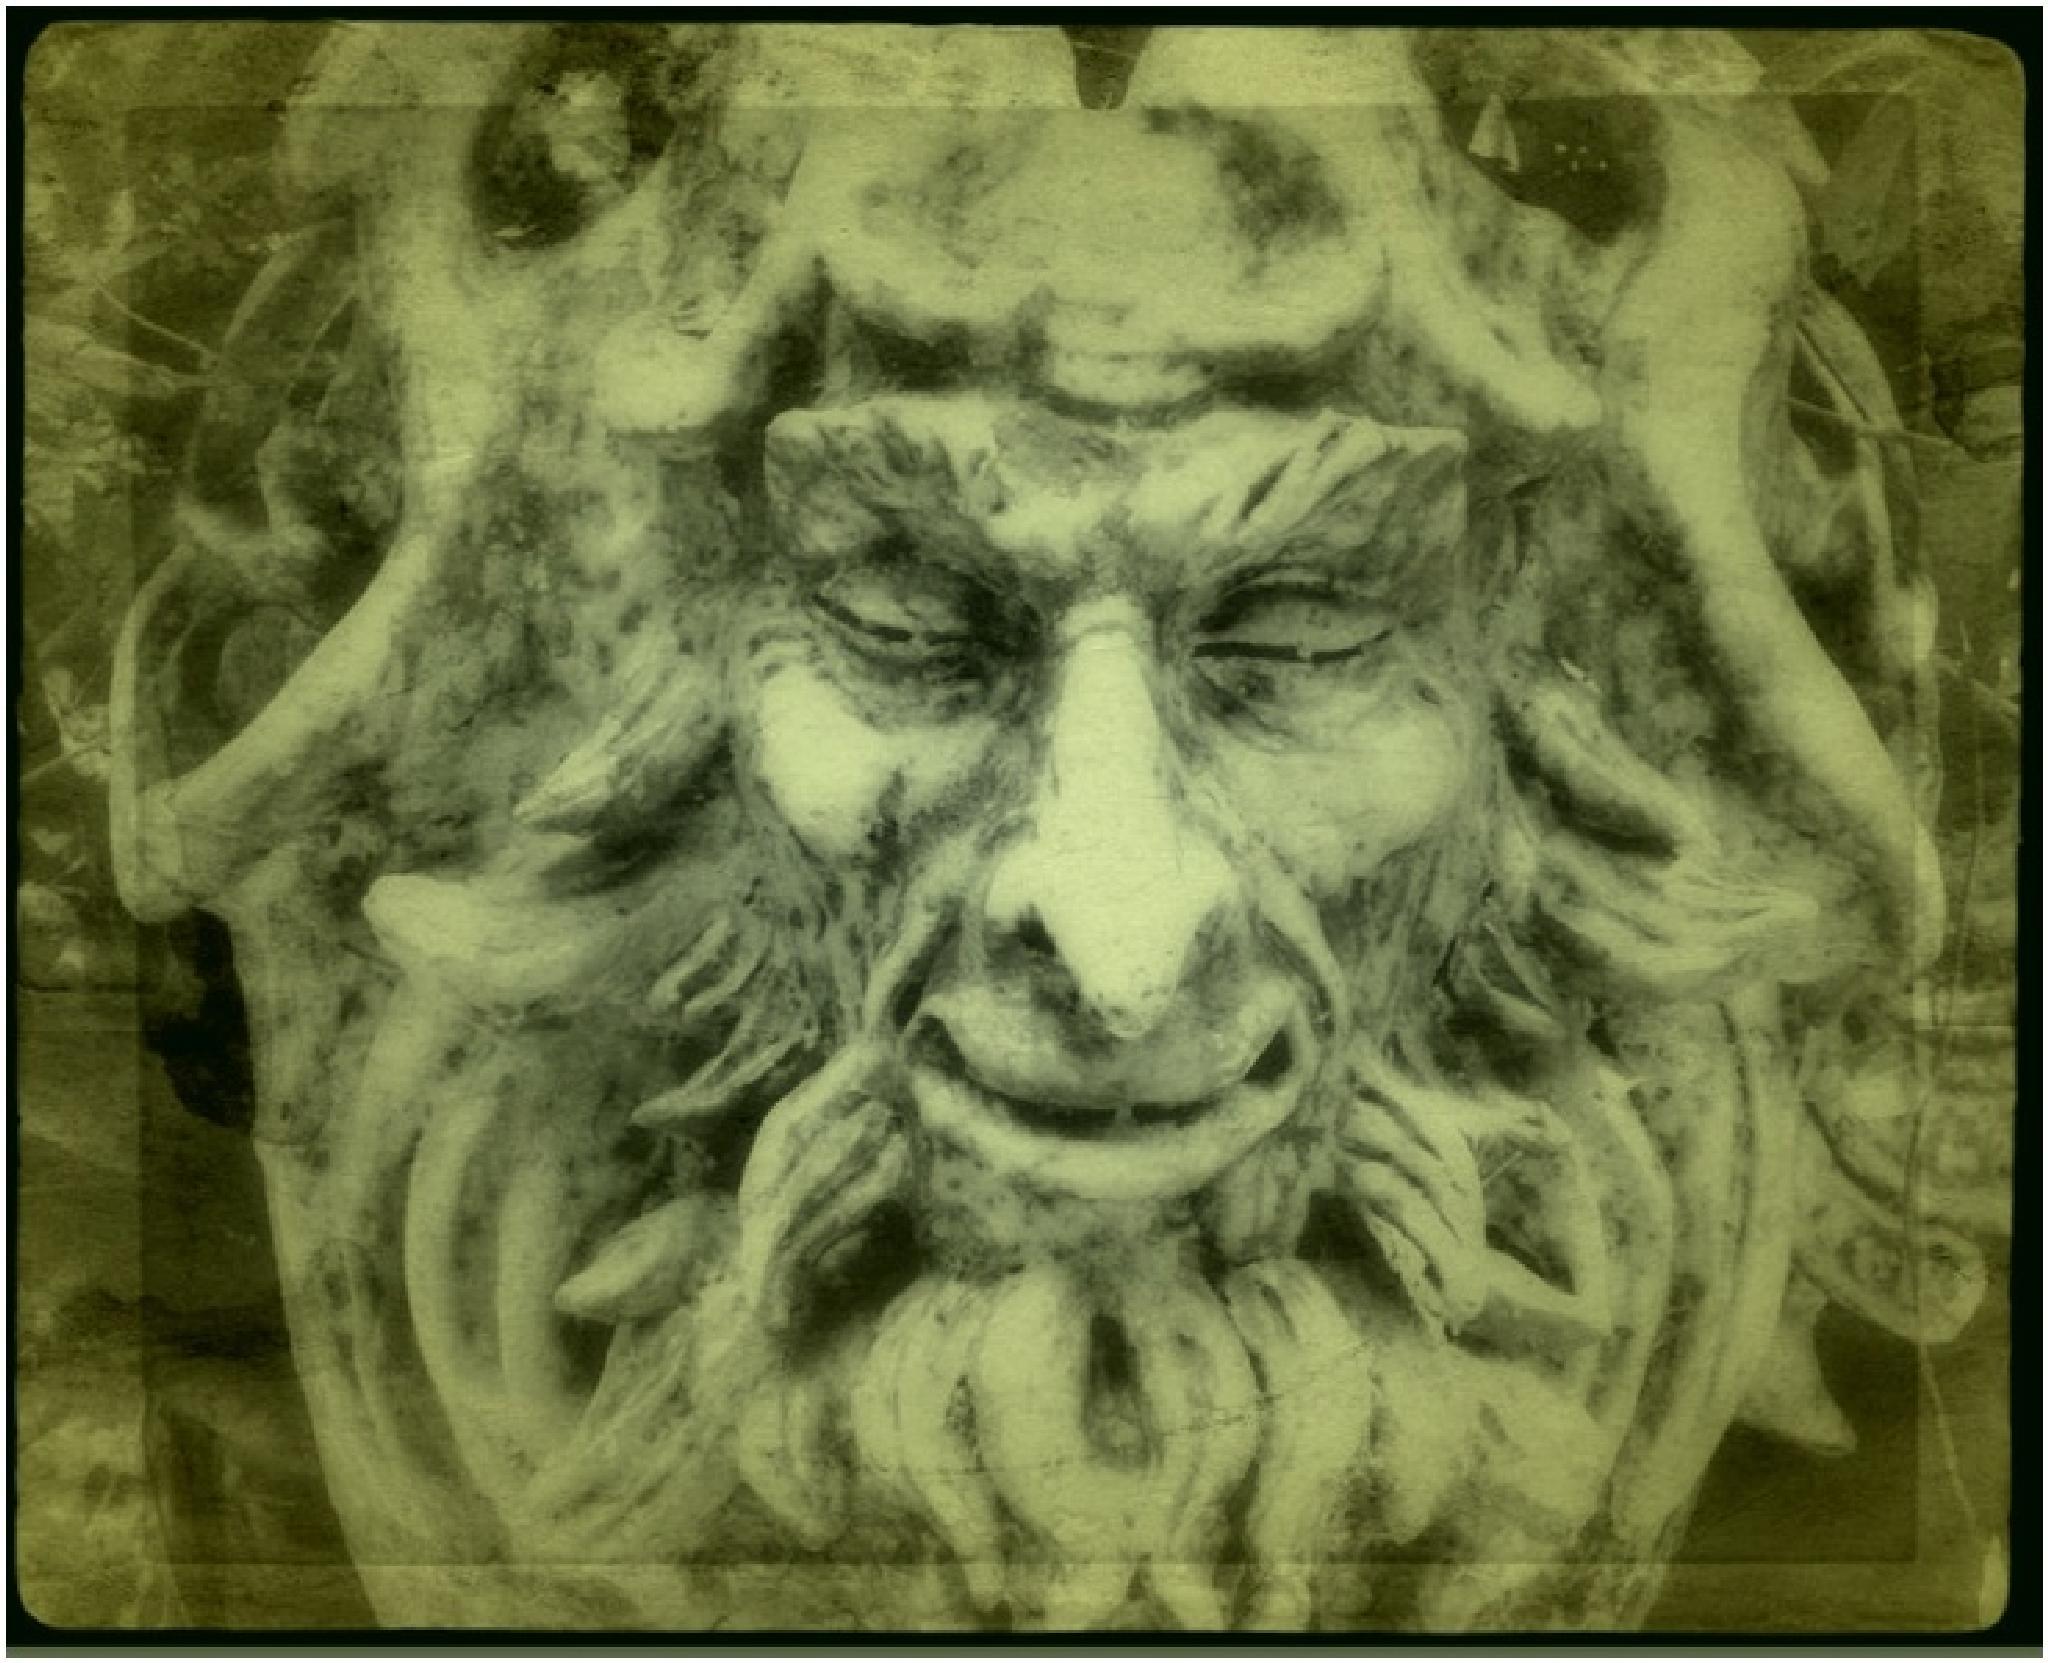 the old demon by FabioKeiner